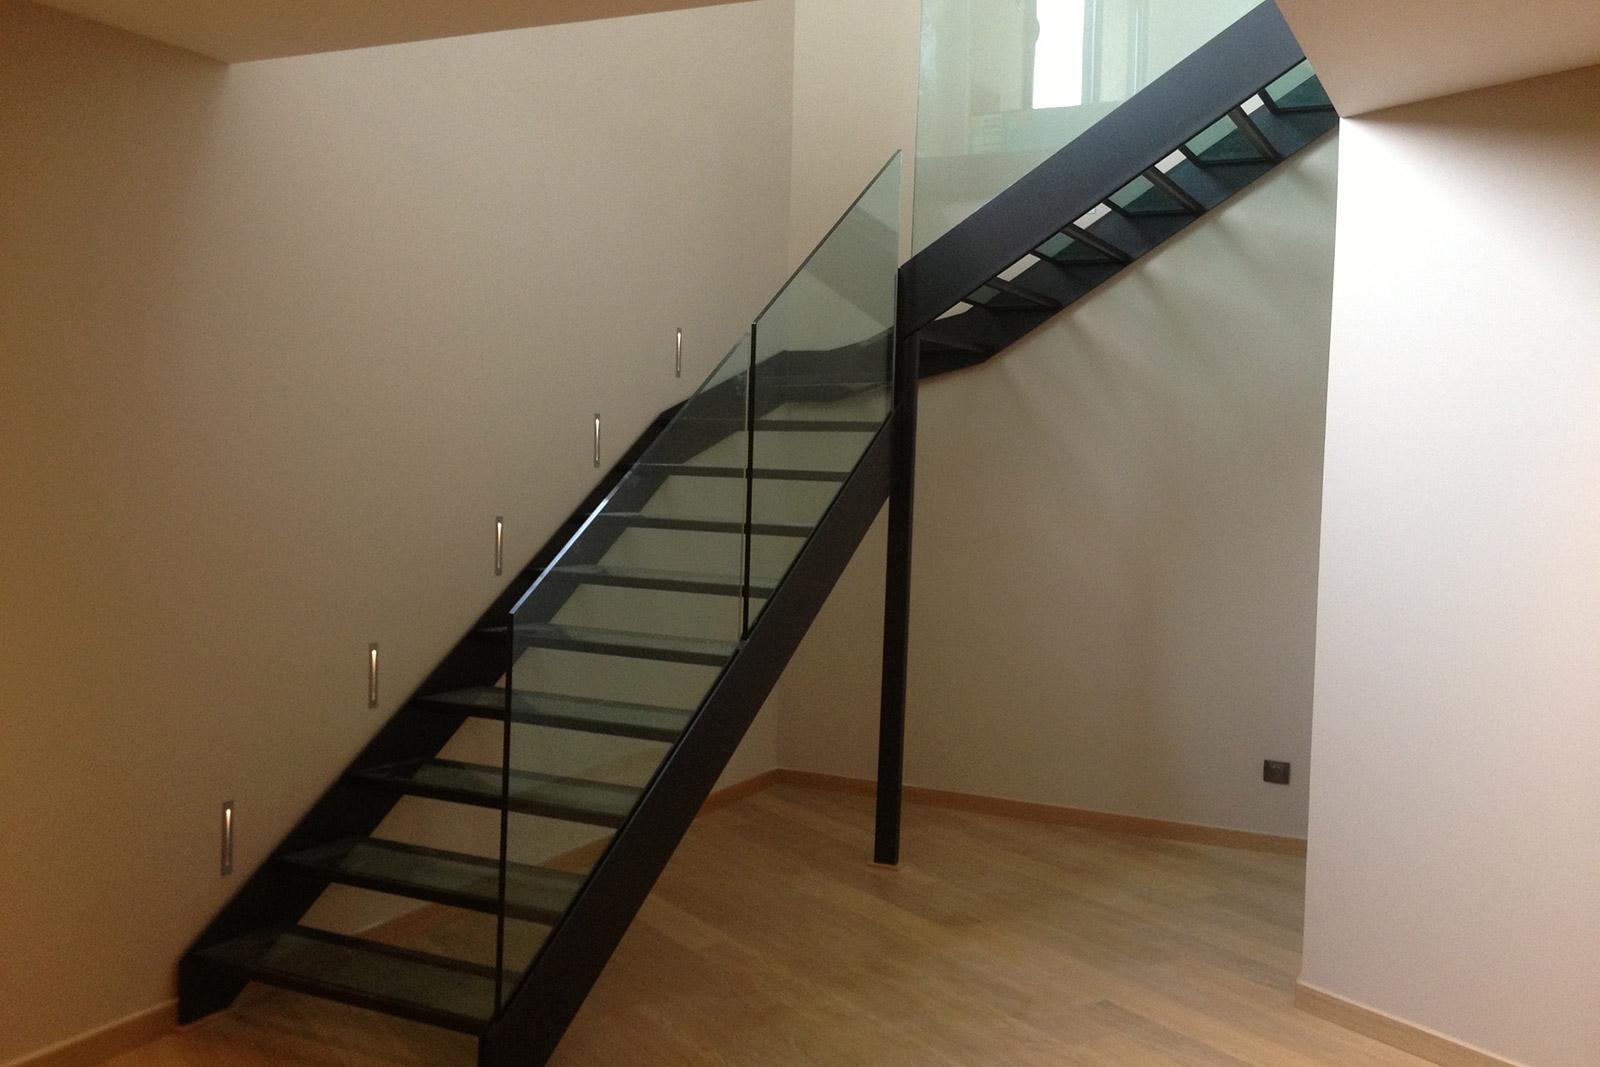 Escalier sur mesure KOZAK